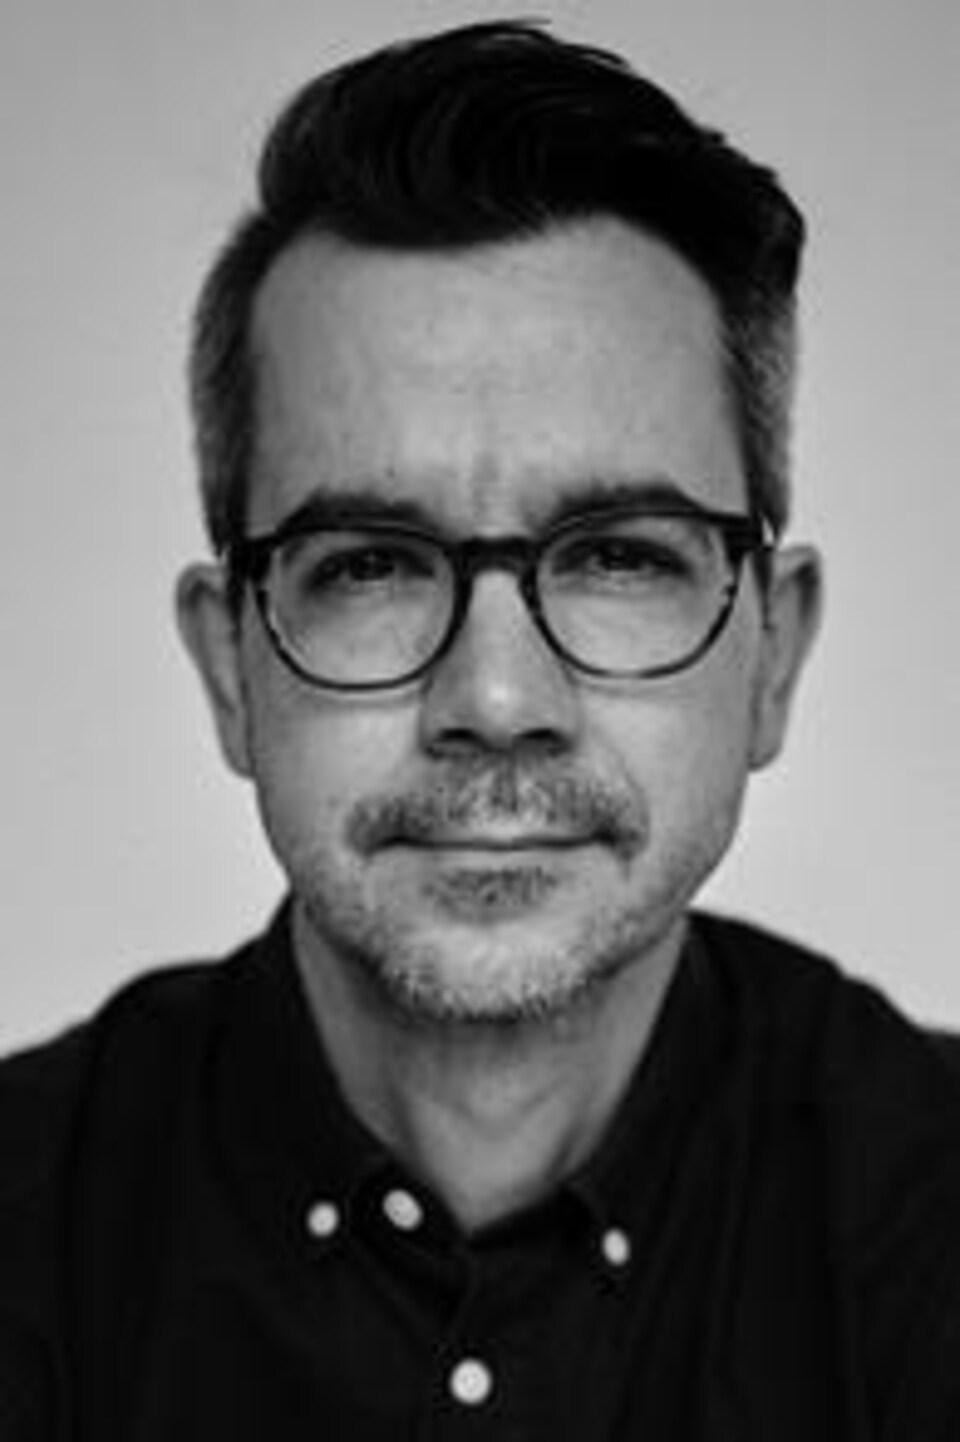 Portrait de l'auteur Jean-Philippe Martel